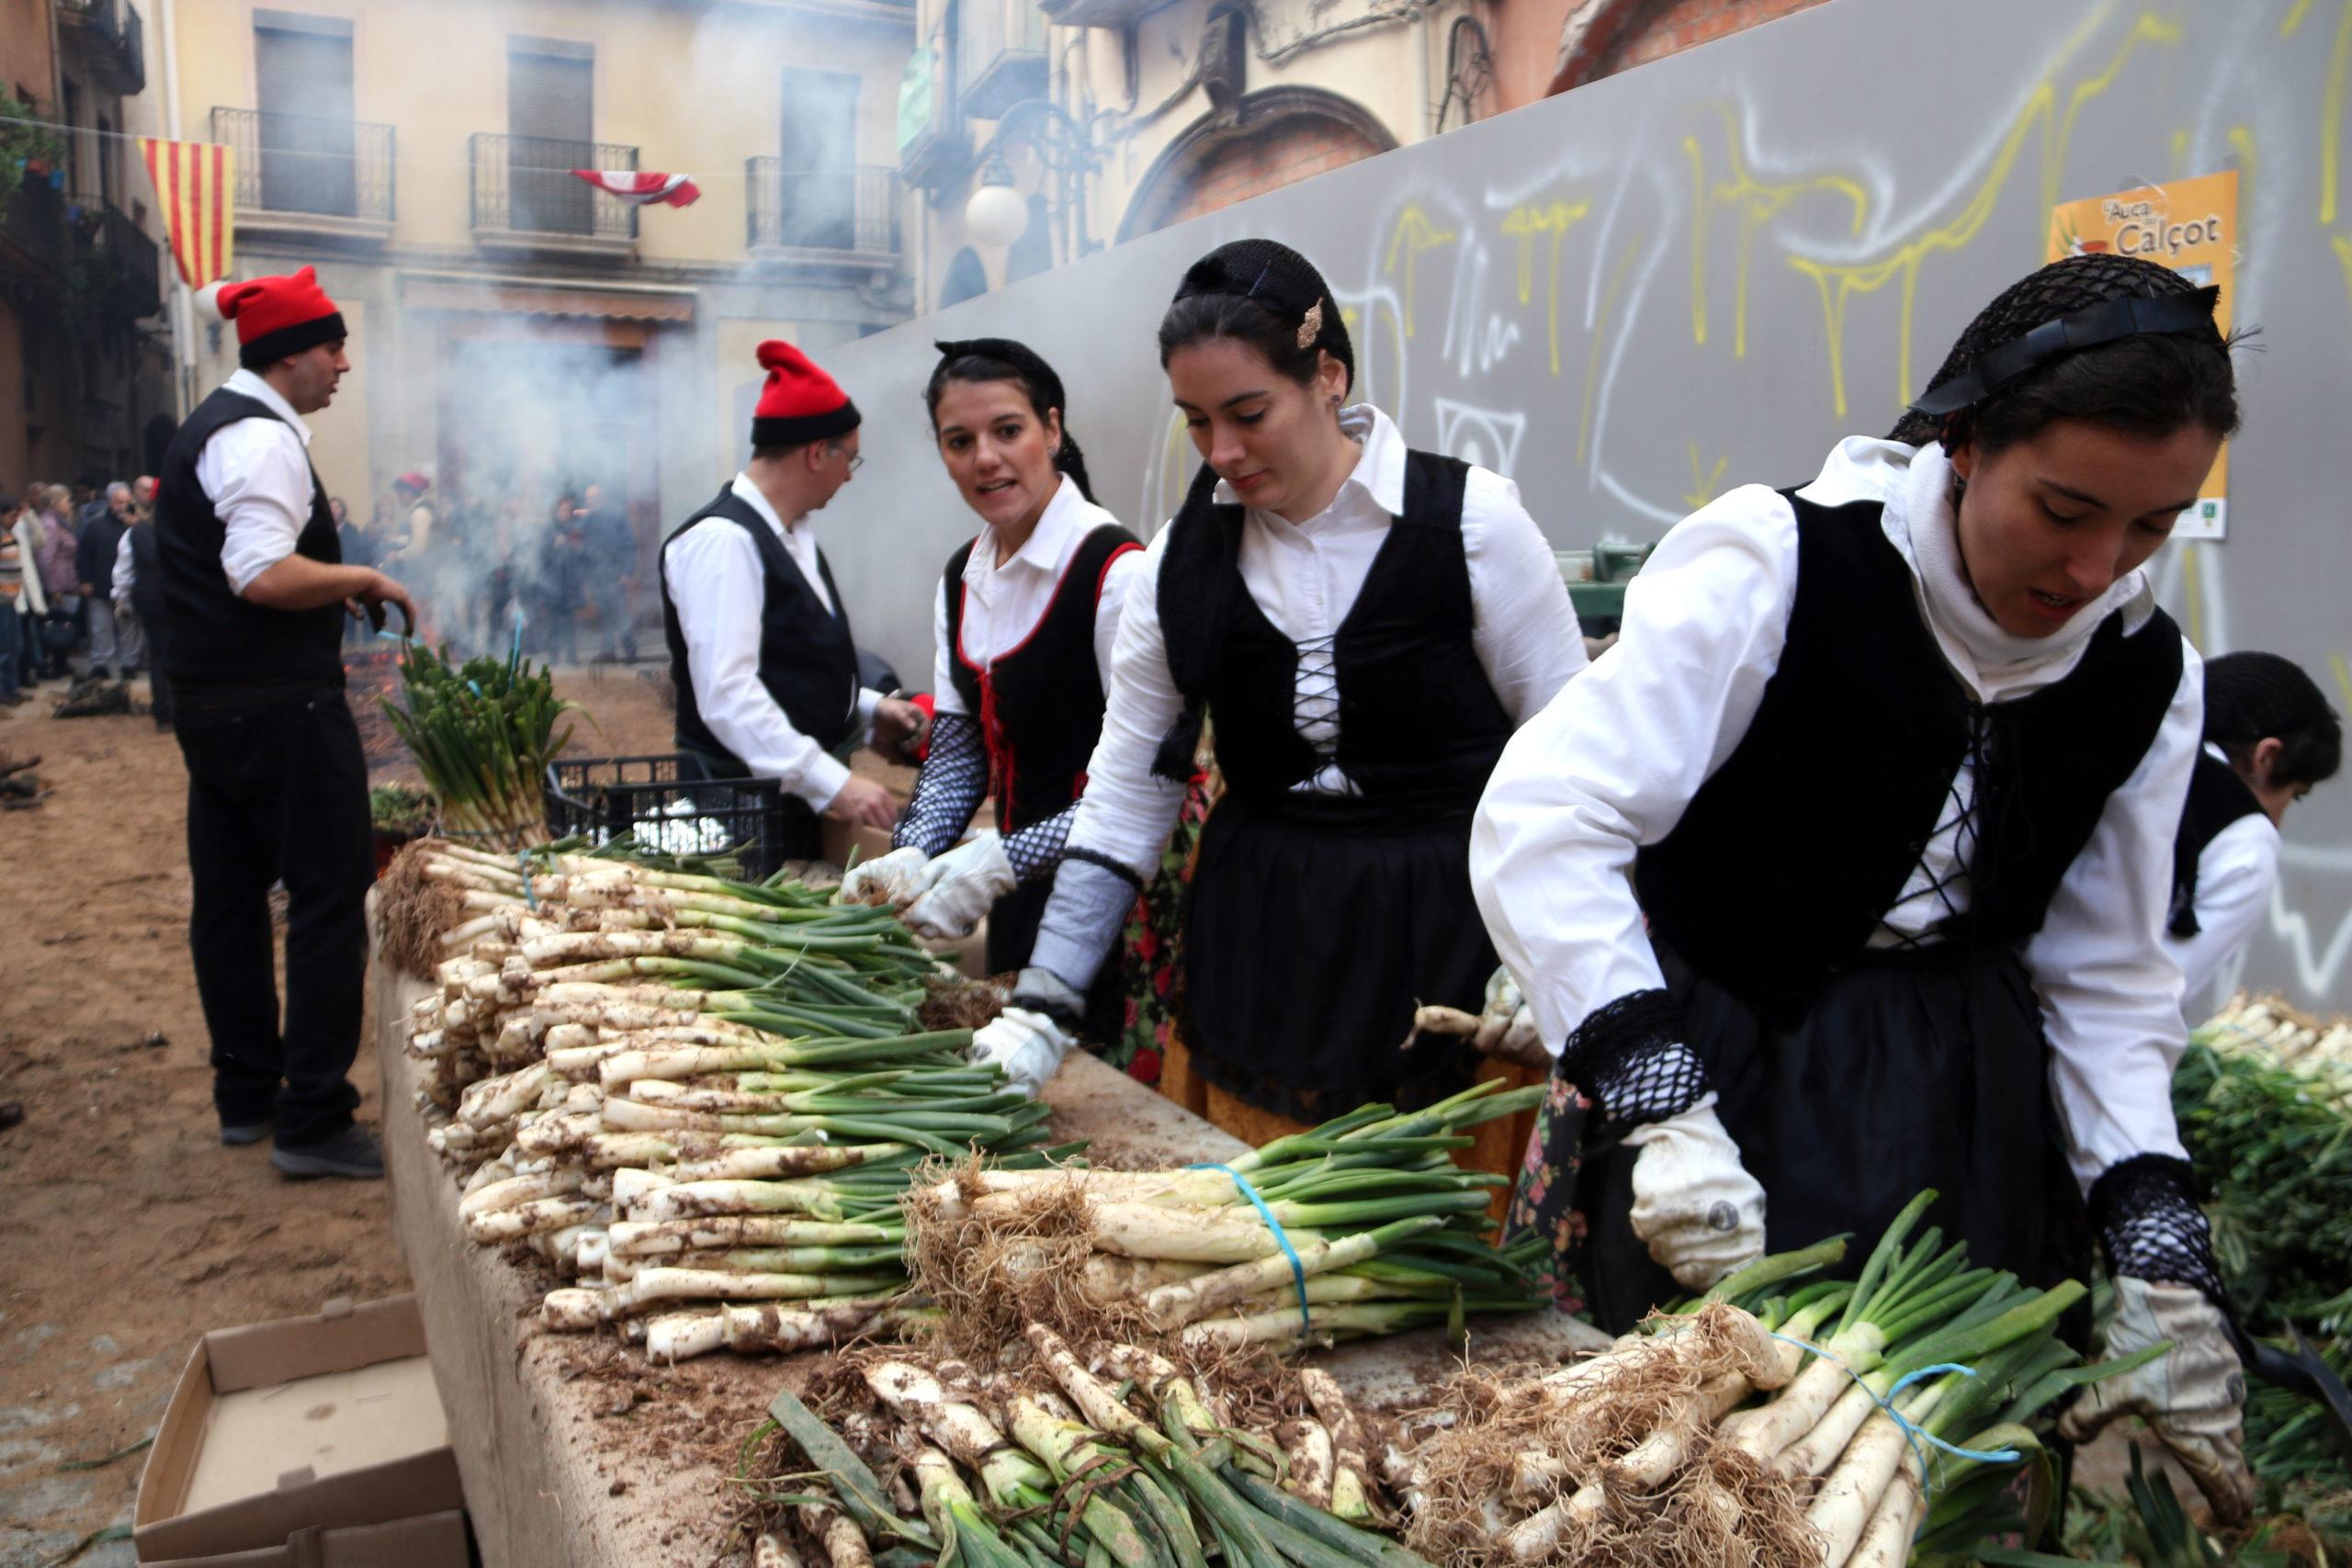 La demostració de coure calçots a la plaça de l'Oli de Valls durant la Gran Festa de la Calçotada | ACN